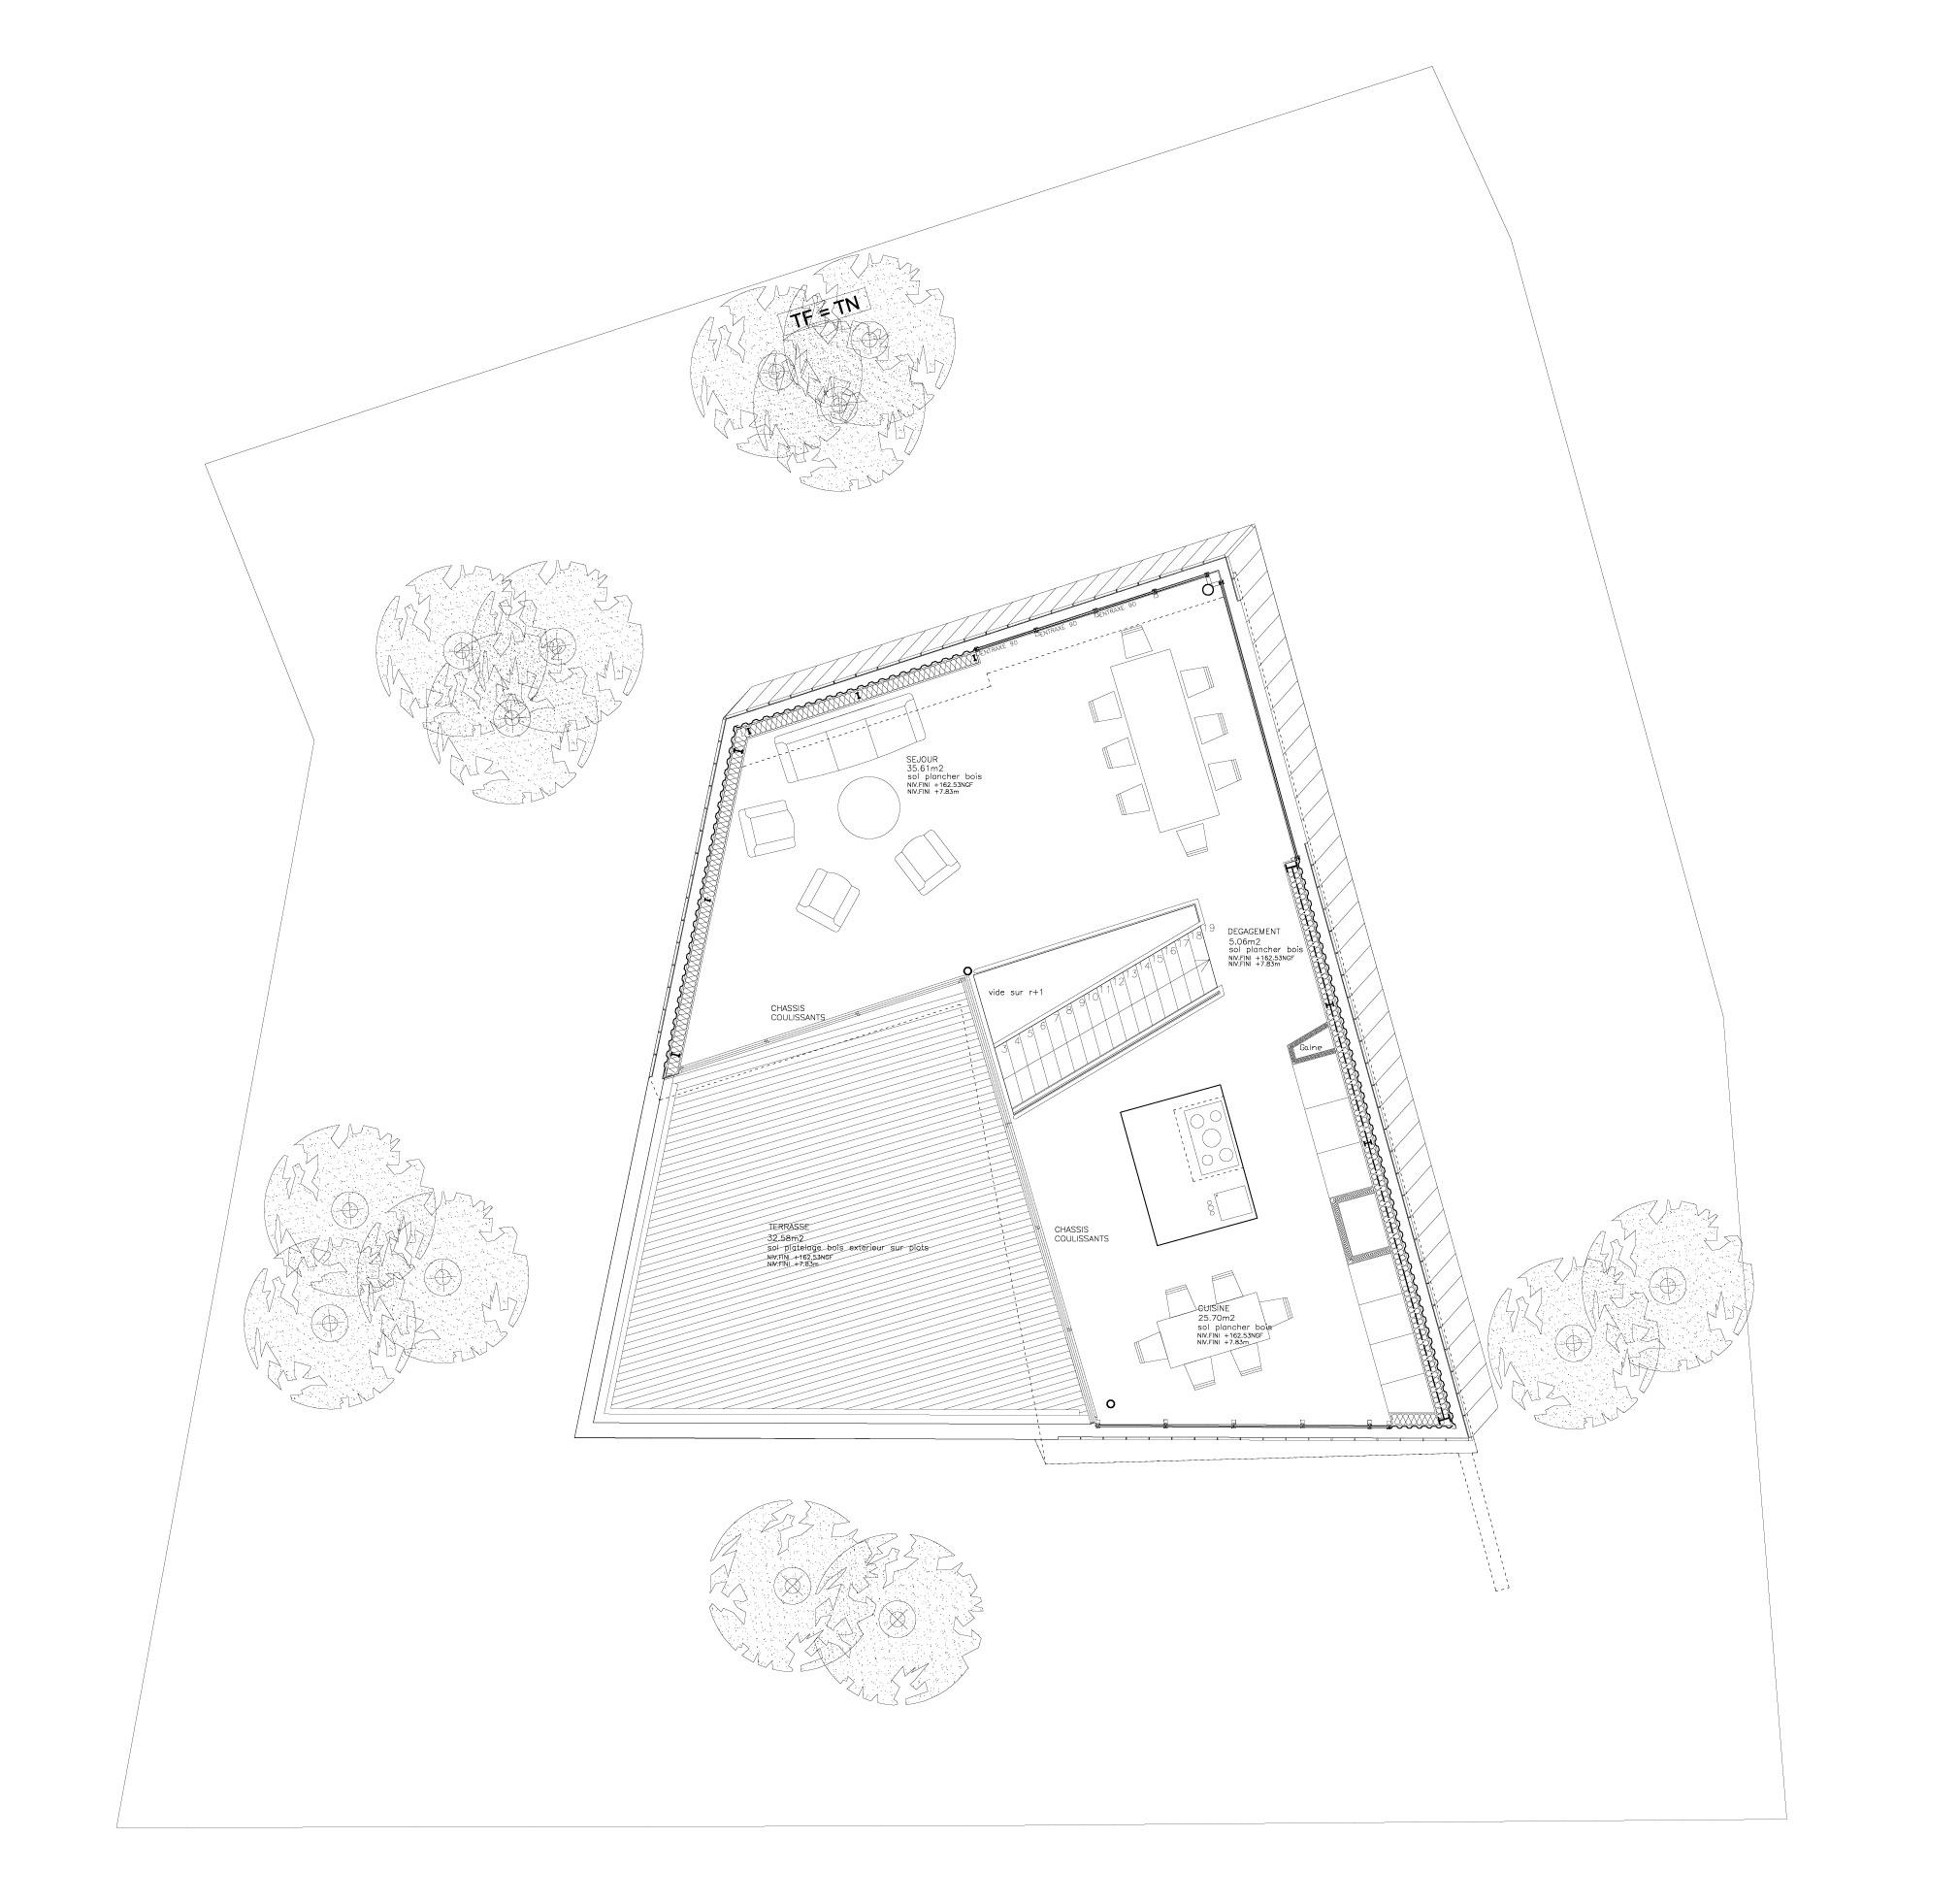 933264904-planta-mas2 plan 02